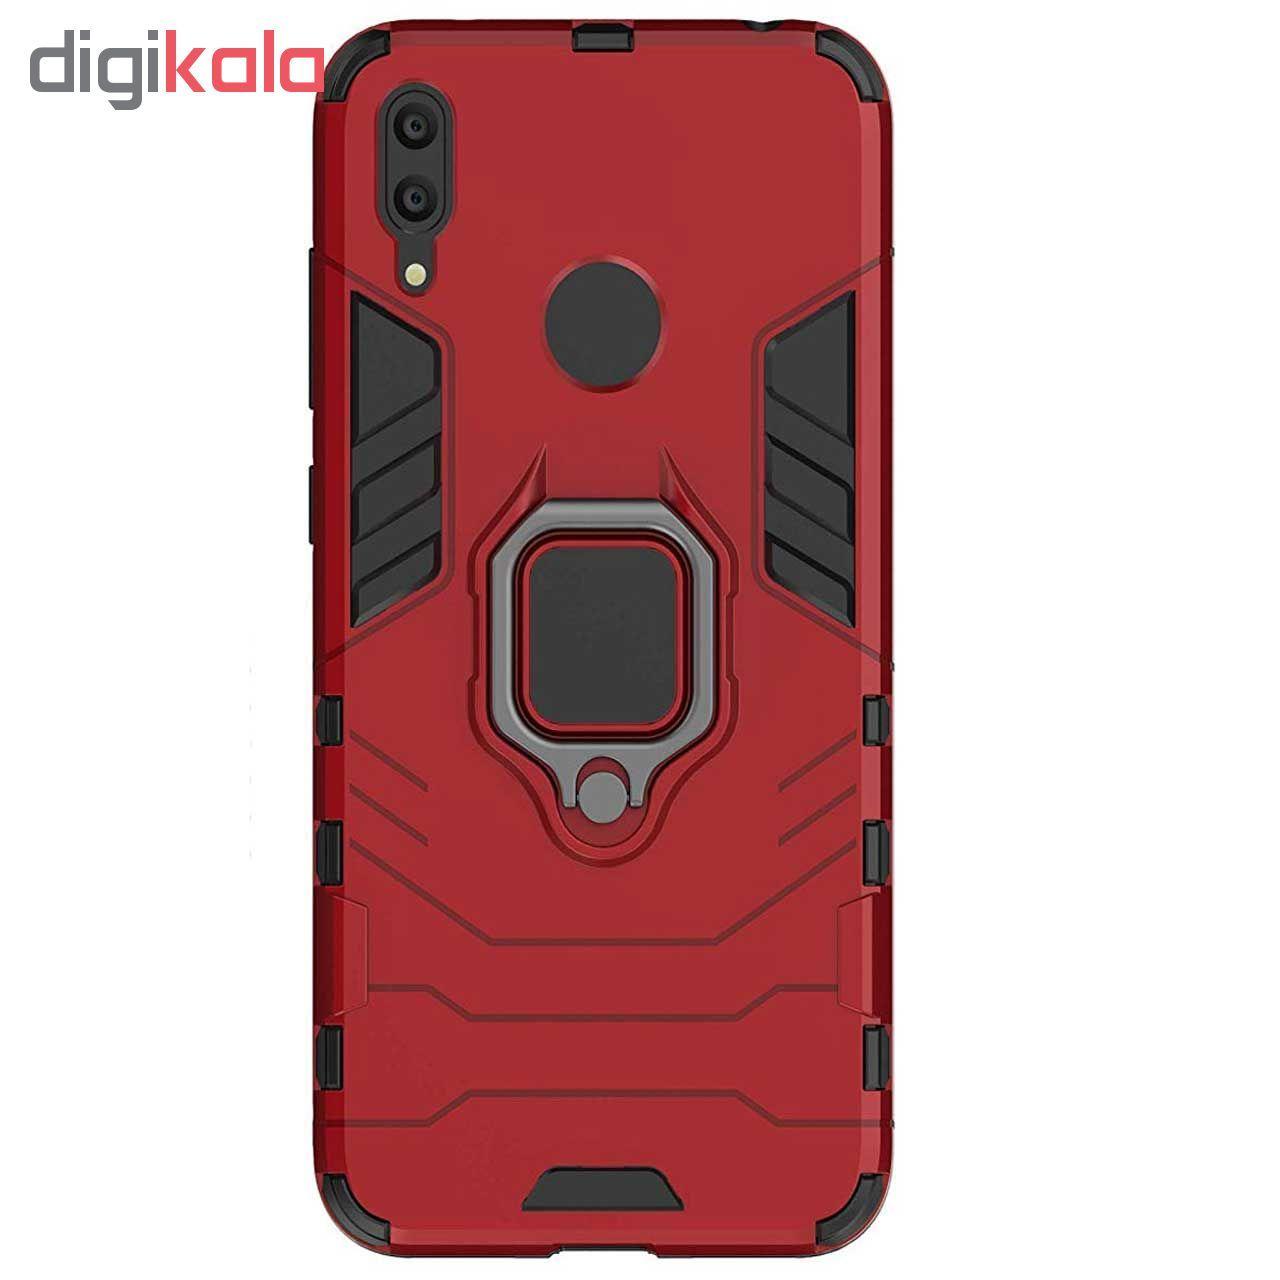 کاور کینگ کونگ مدل GHB01 مناسب برای گوشی موبایل هوآوی Y7 2019 main 1 9